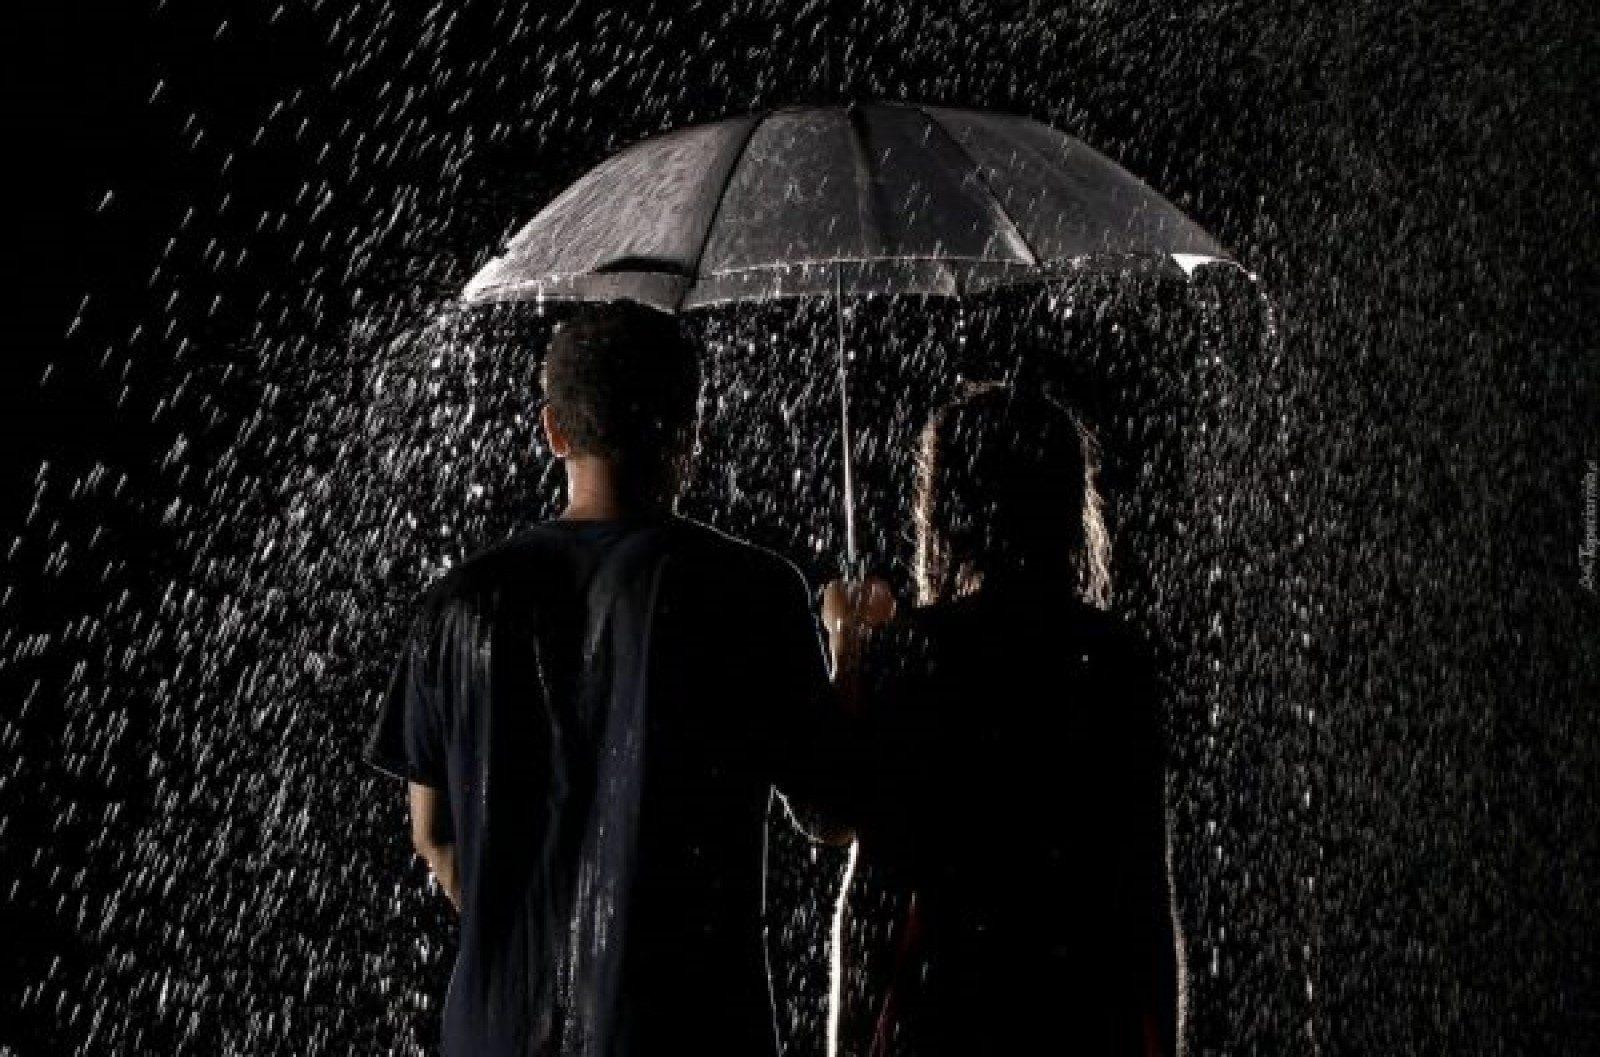 181794_ludzie_deszcz_parasol_noc-o7usd6zrj2m6oy47f9i2qycpecg8qchpous0pzfvs0